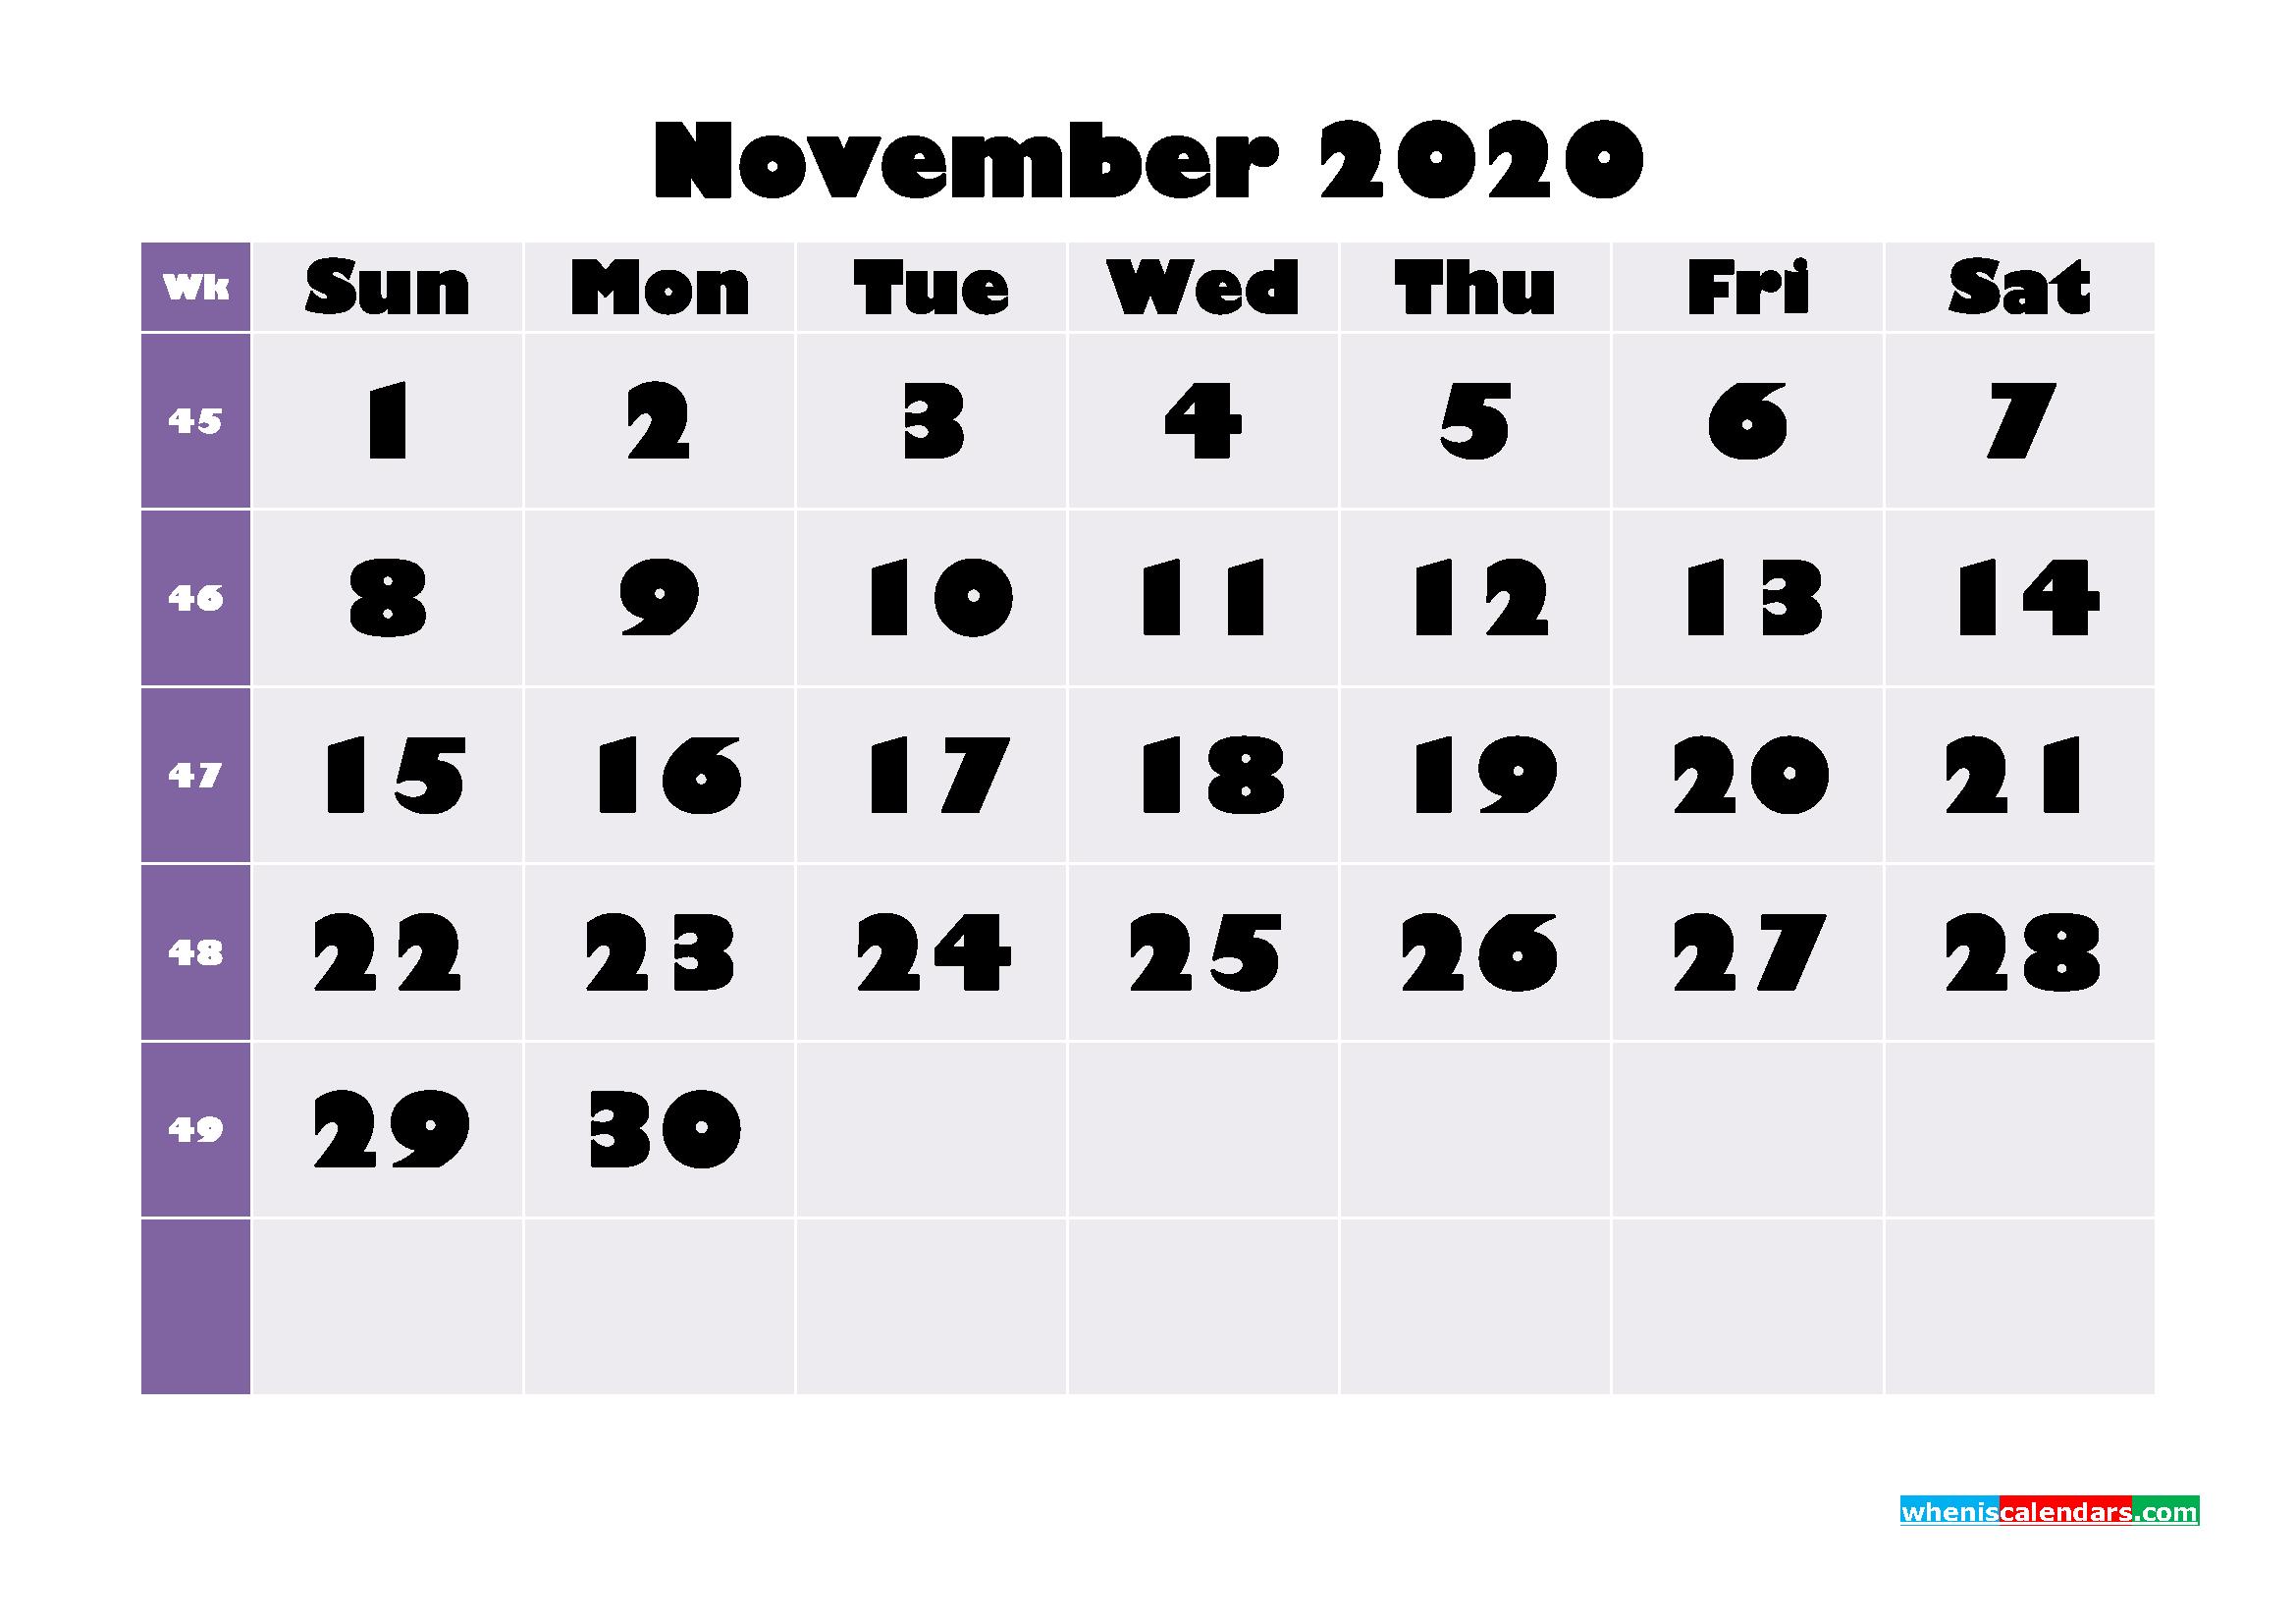 Free Printable November 2020 Calendar - No.m20b683